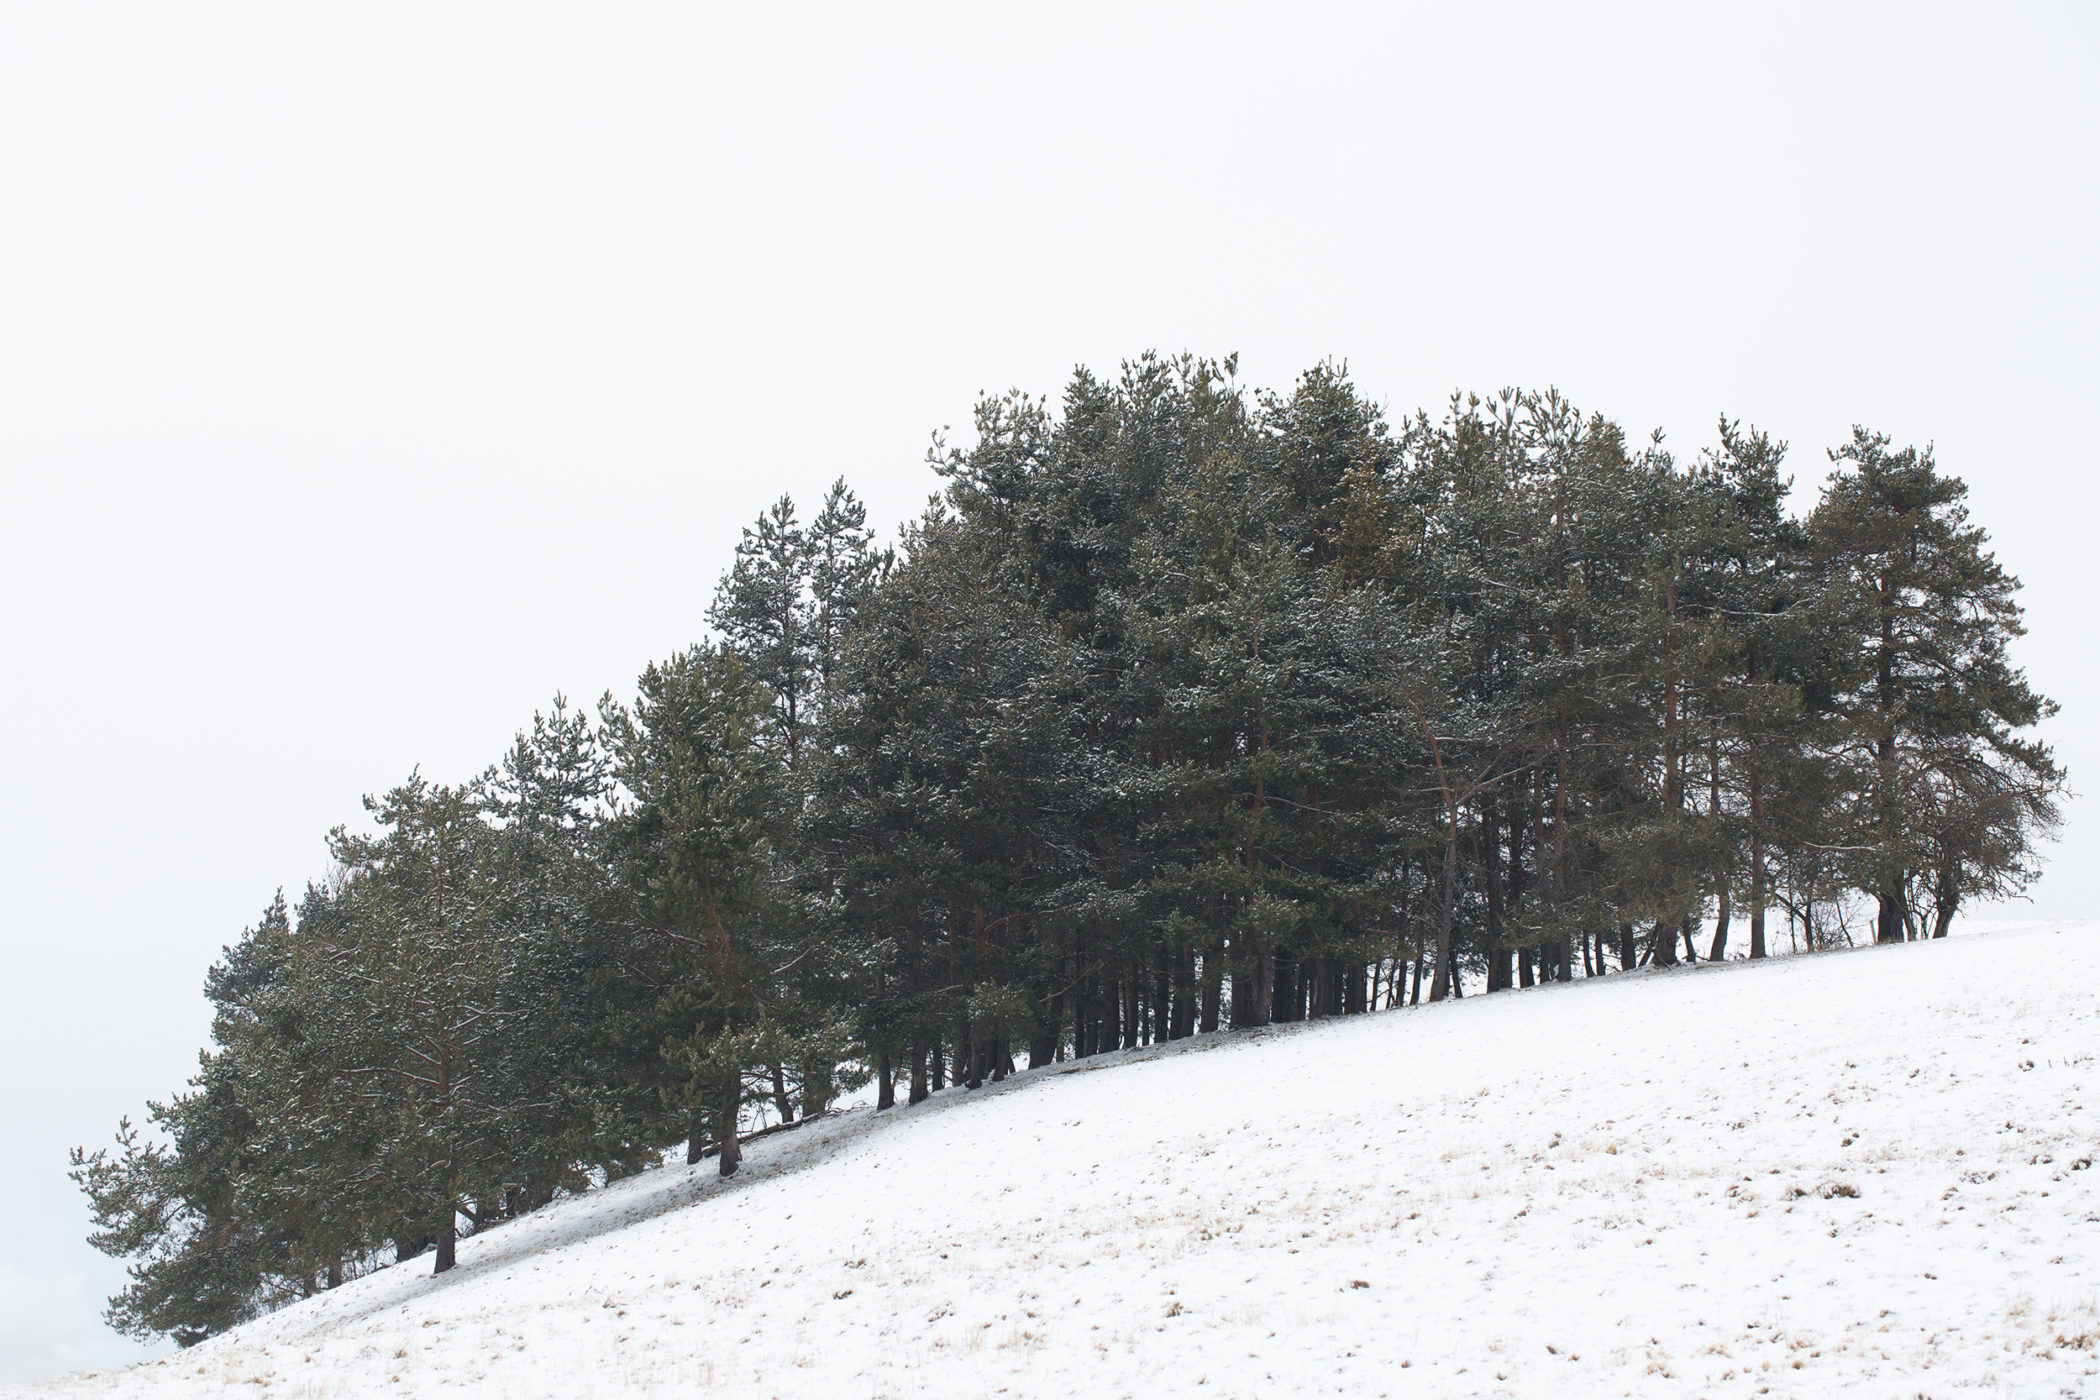 Großaufnahme einer Baumgruppe im Schnee bei Undingen am Kalkfelsen auf der Schwäbischen Alb.